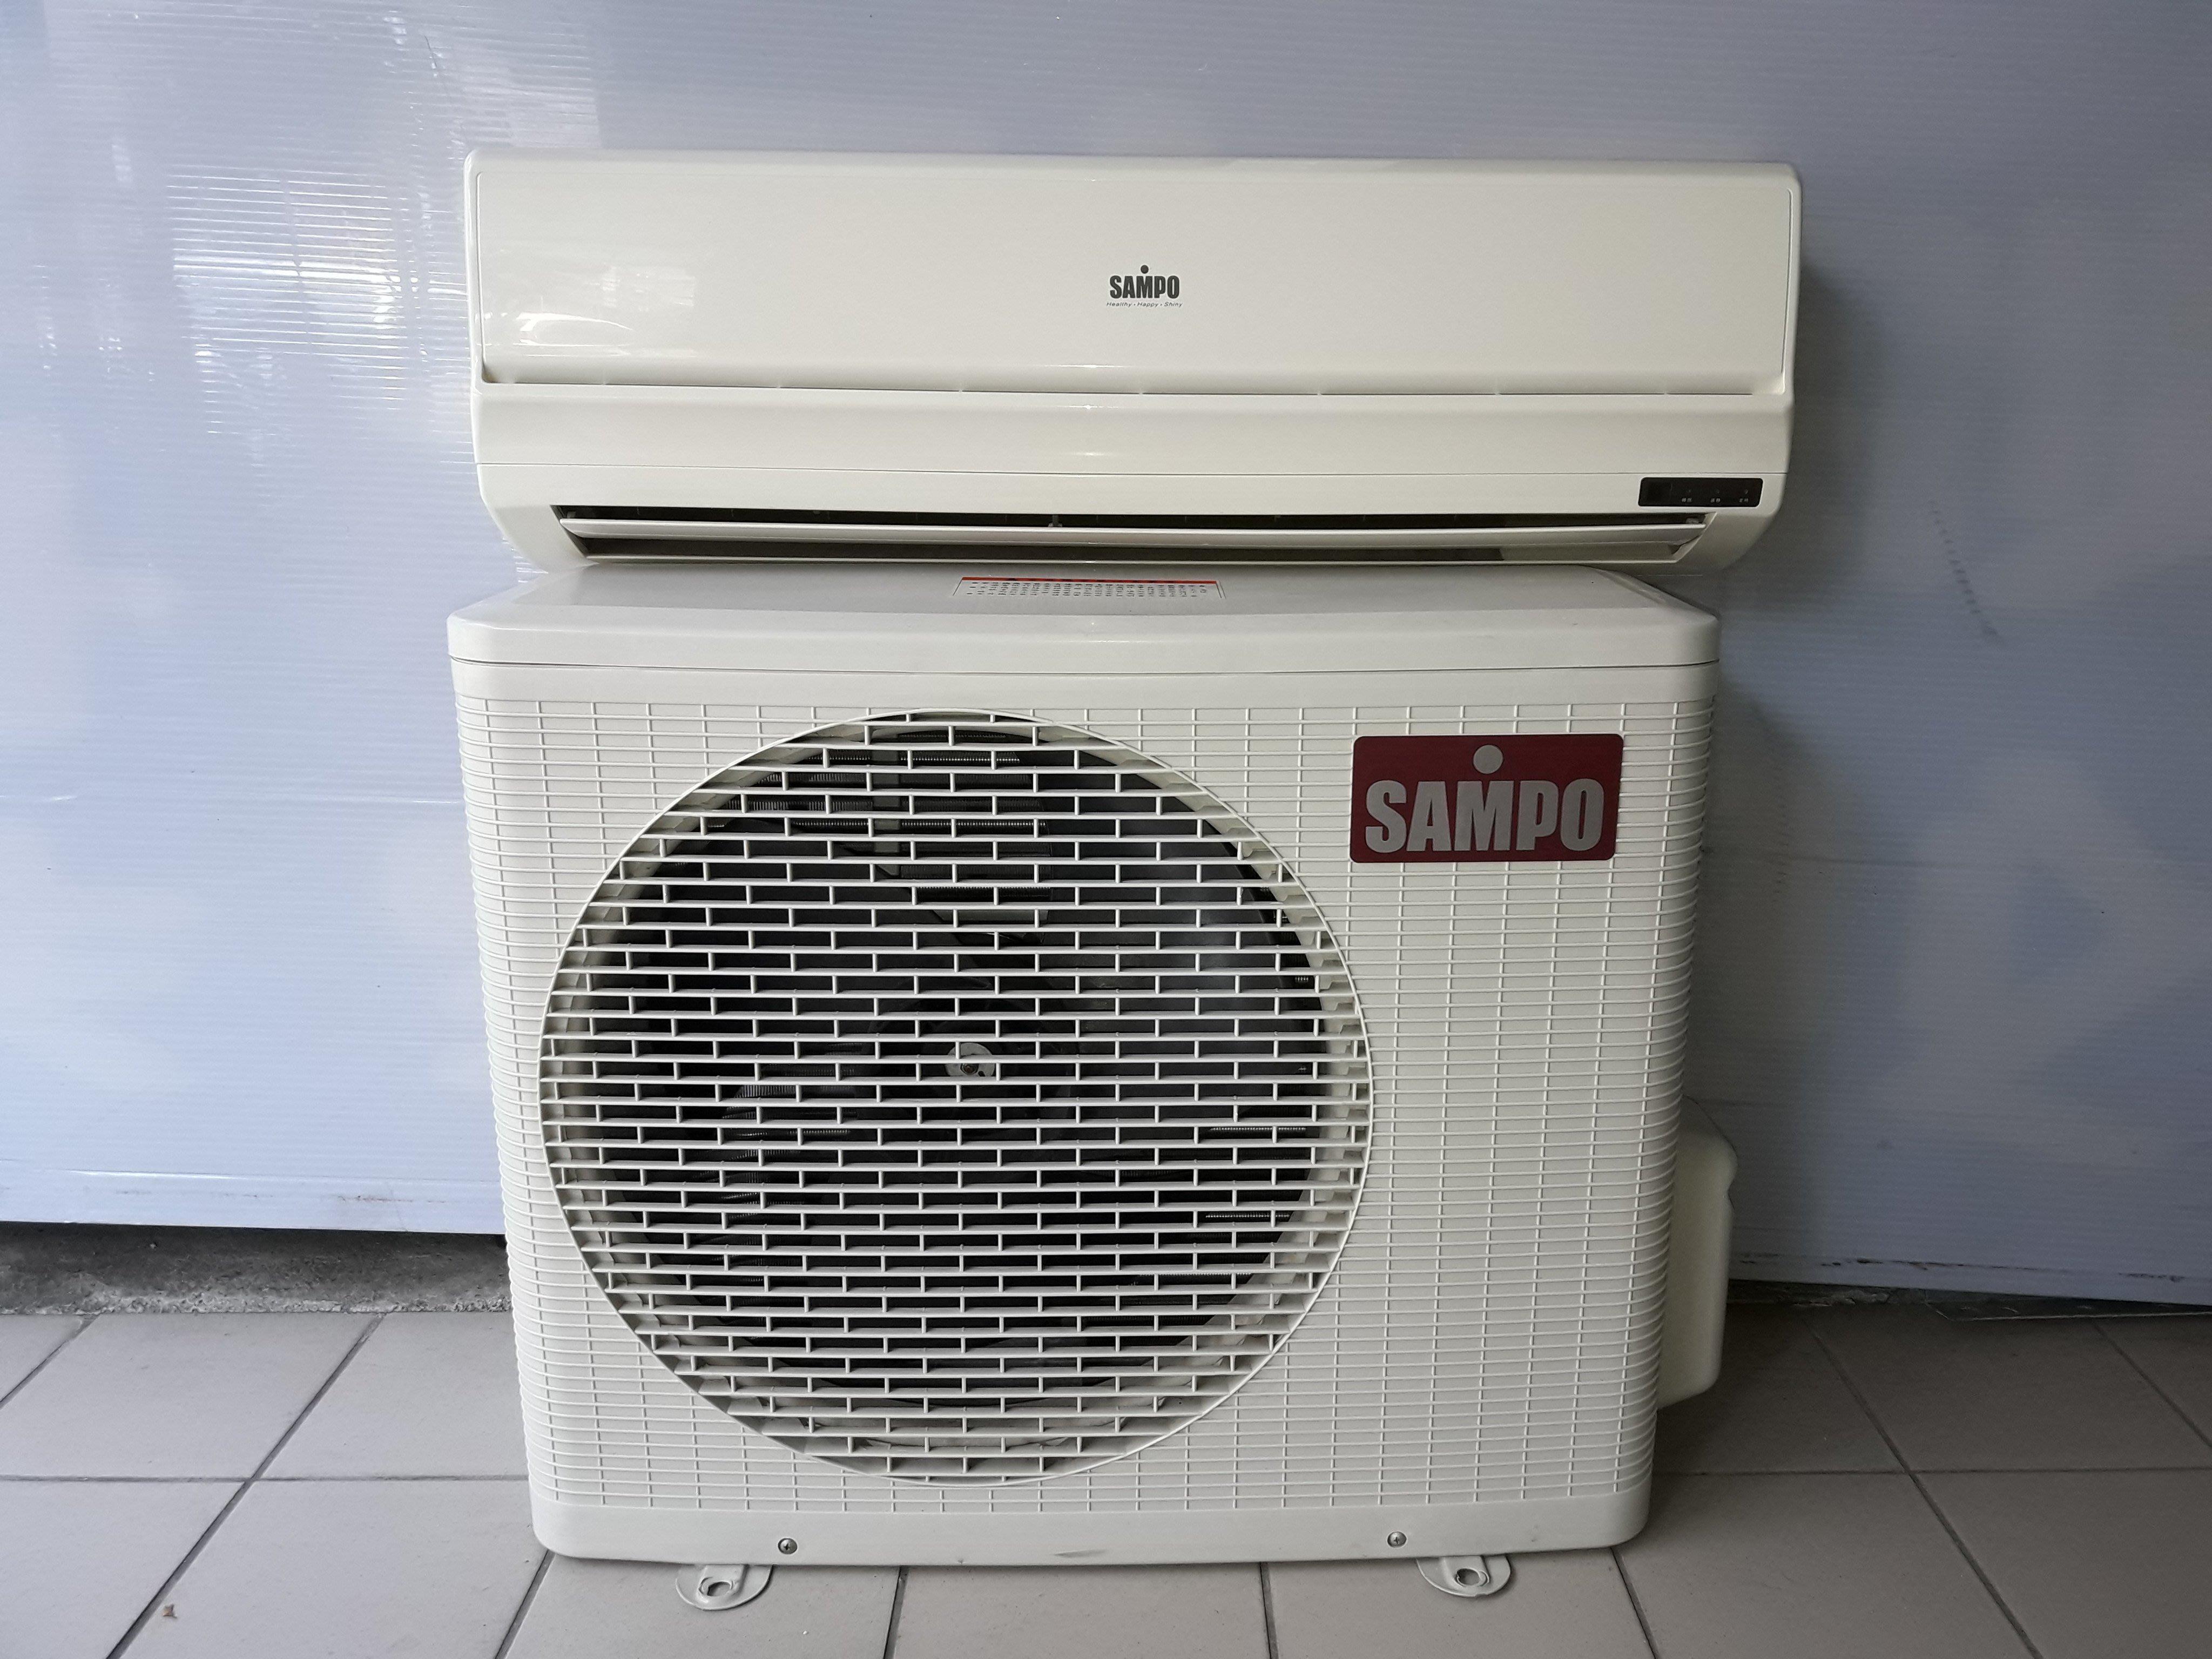 新竹國聖二手家電 SAMPO聲寶 一對一分離式冷氣機 2000kcal (適用3~4坪空間) 有維修保固 舊機回收